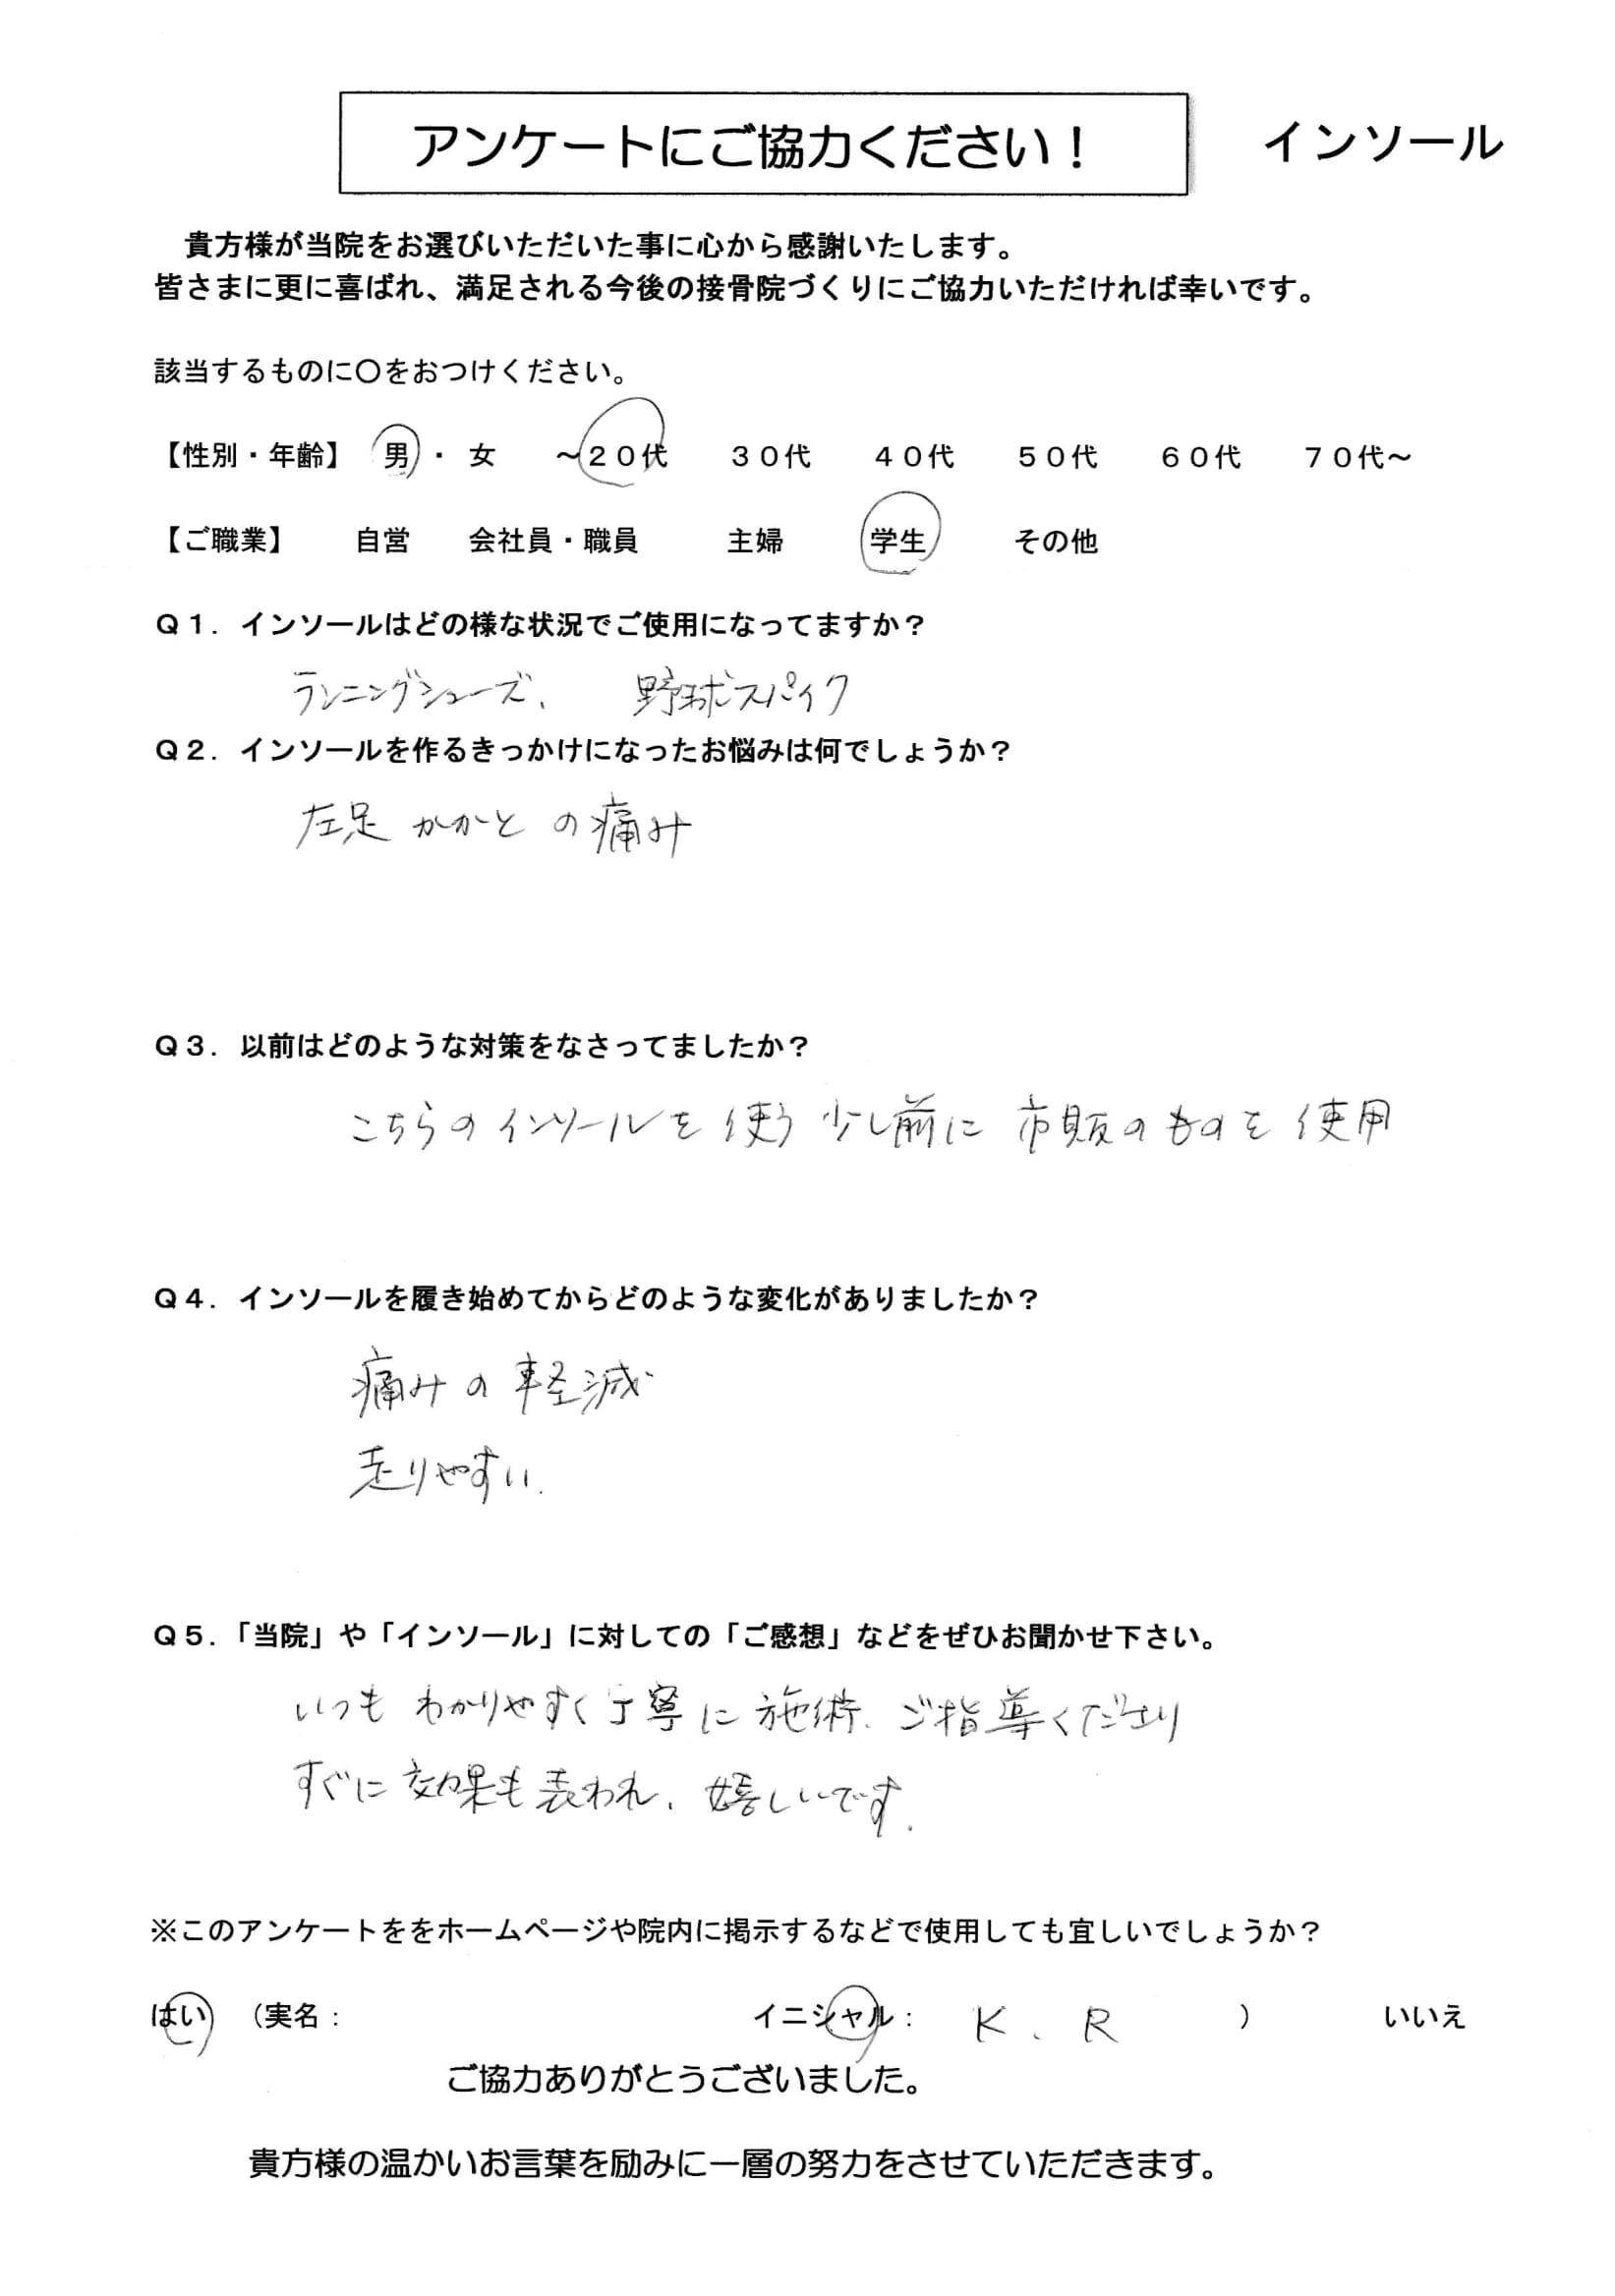 インソール アンケート 10代(男)(KR君)-1